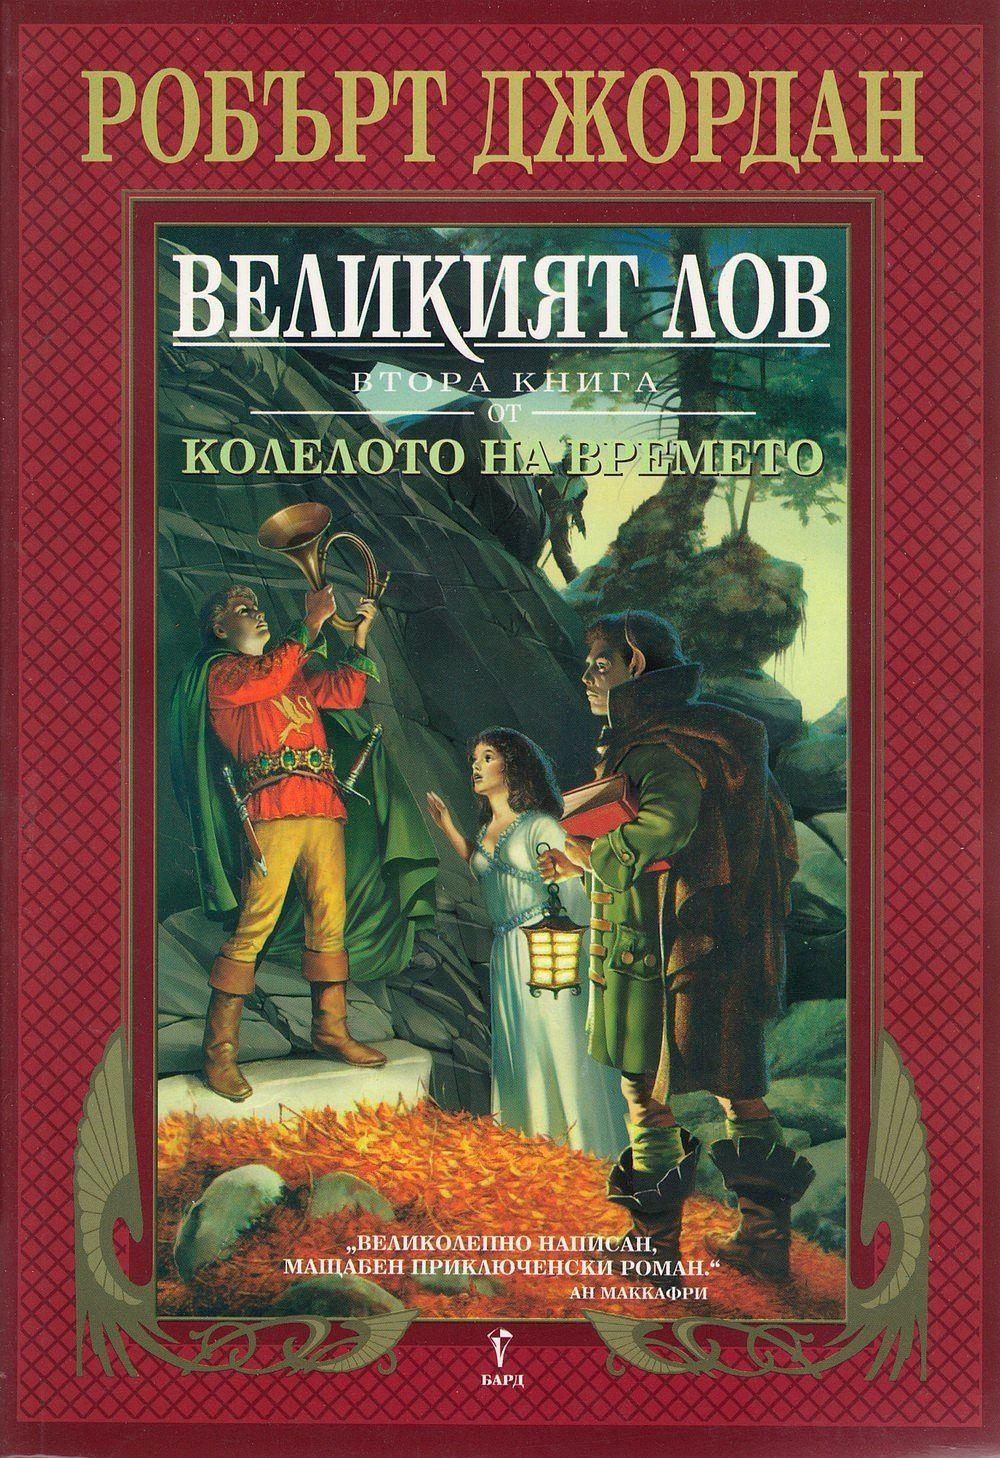 Великият лов (Колелото на времето 2, първо издание) - 1